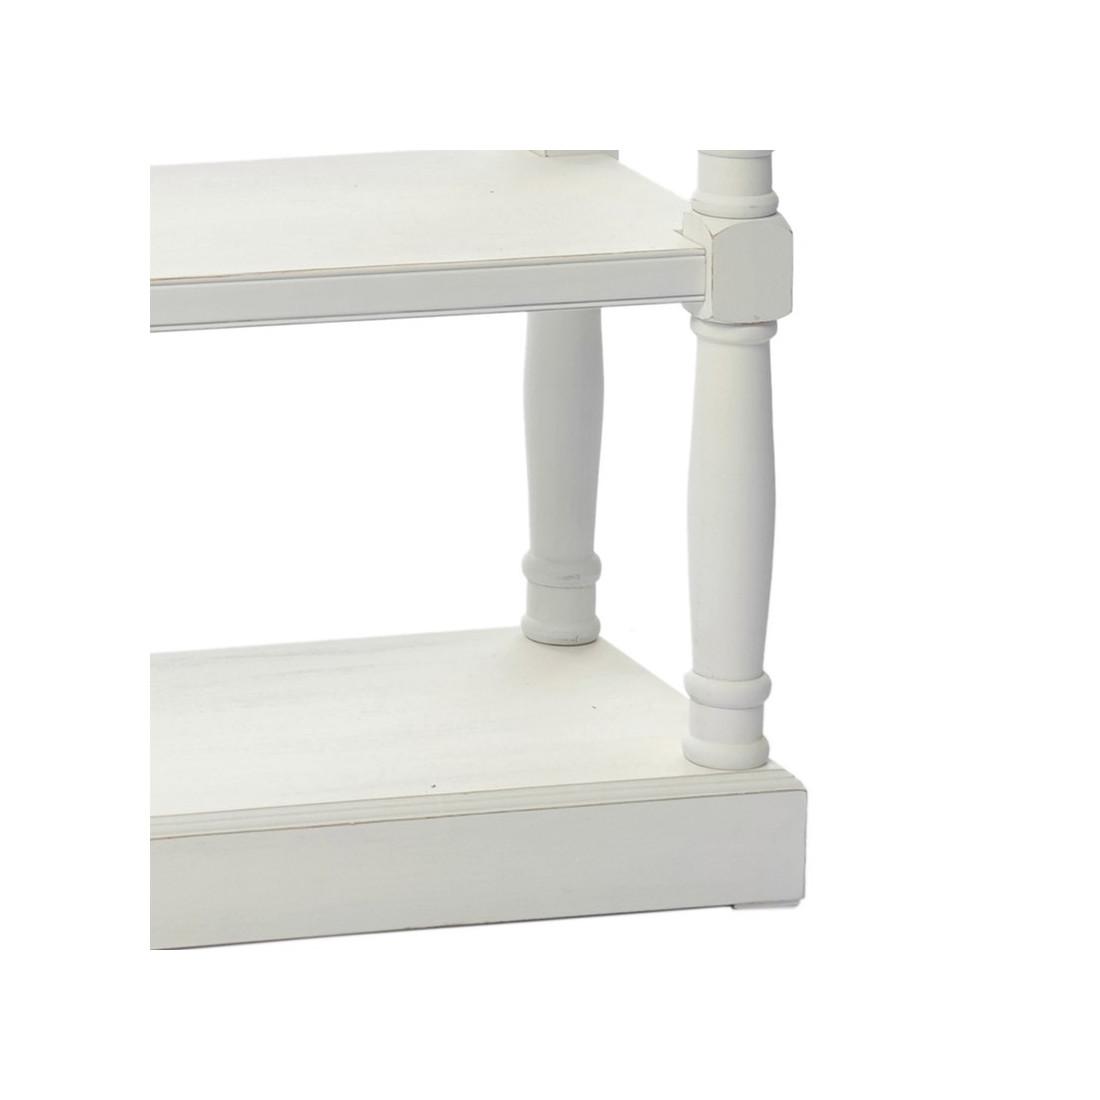 console en bois blanc eve petits meubles tousmesmeubmes. Black Bedroom Furniture Sets. Home Design Ideas